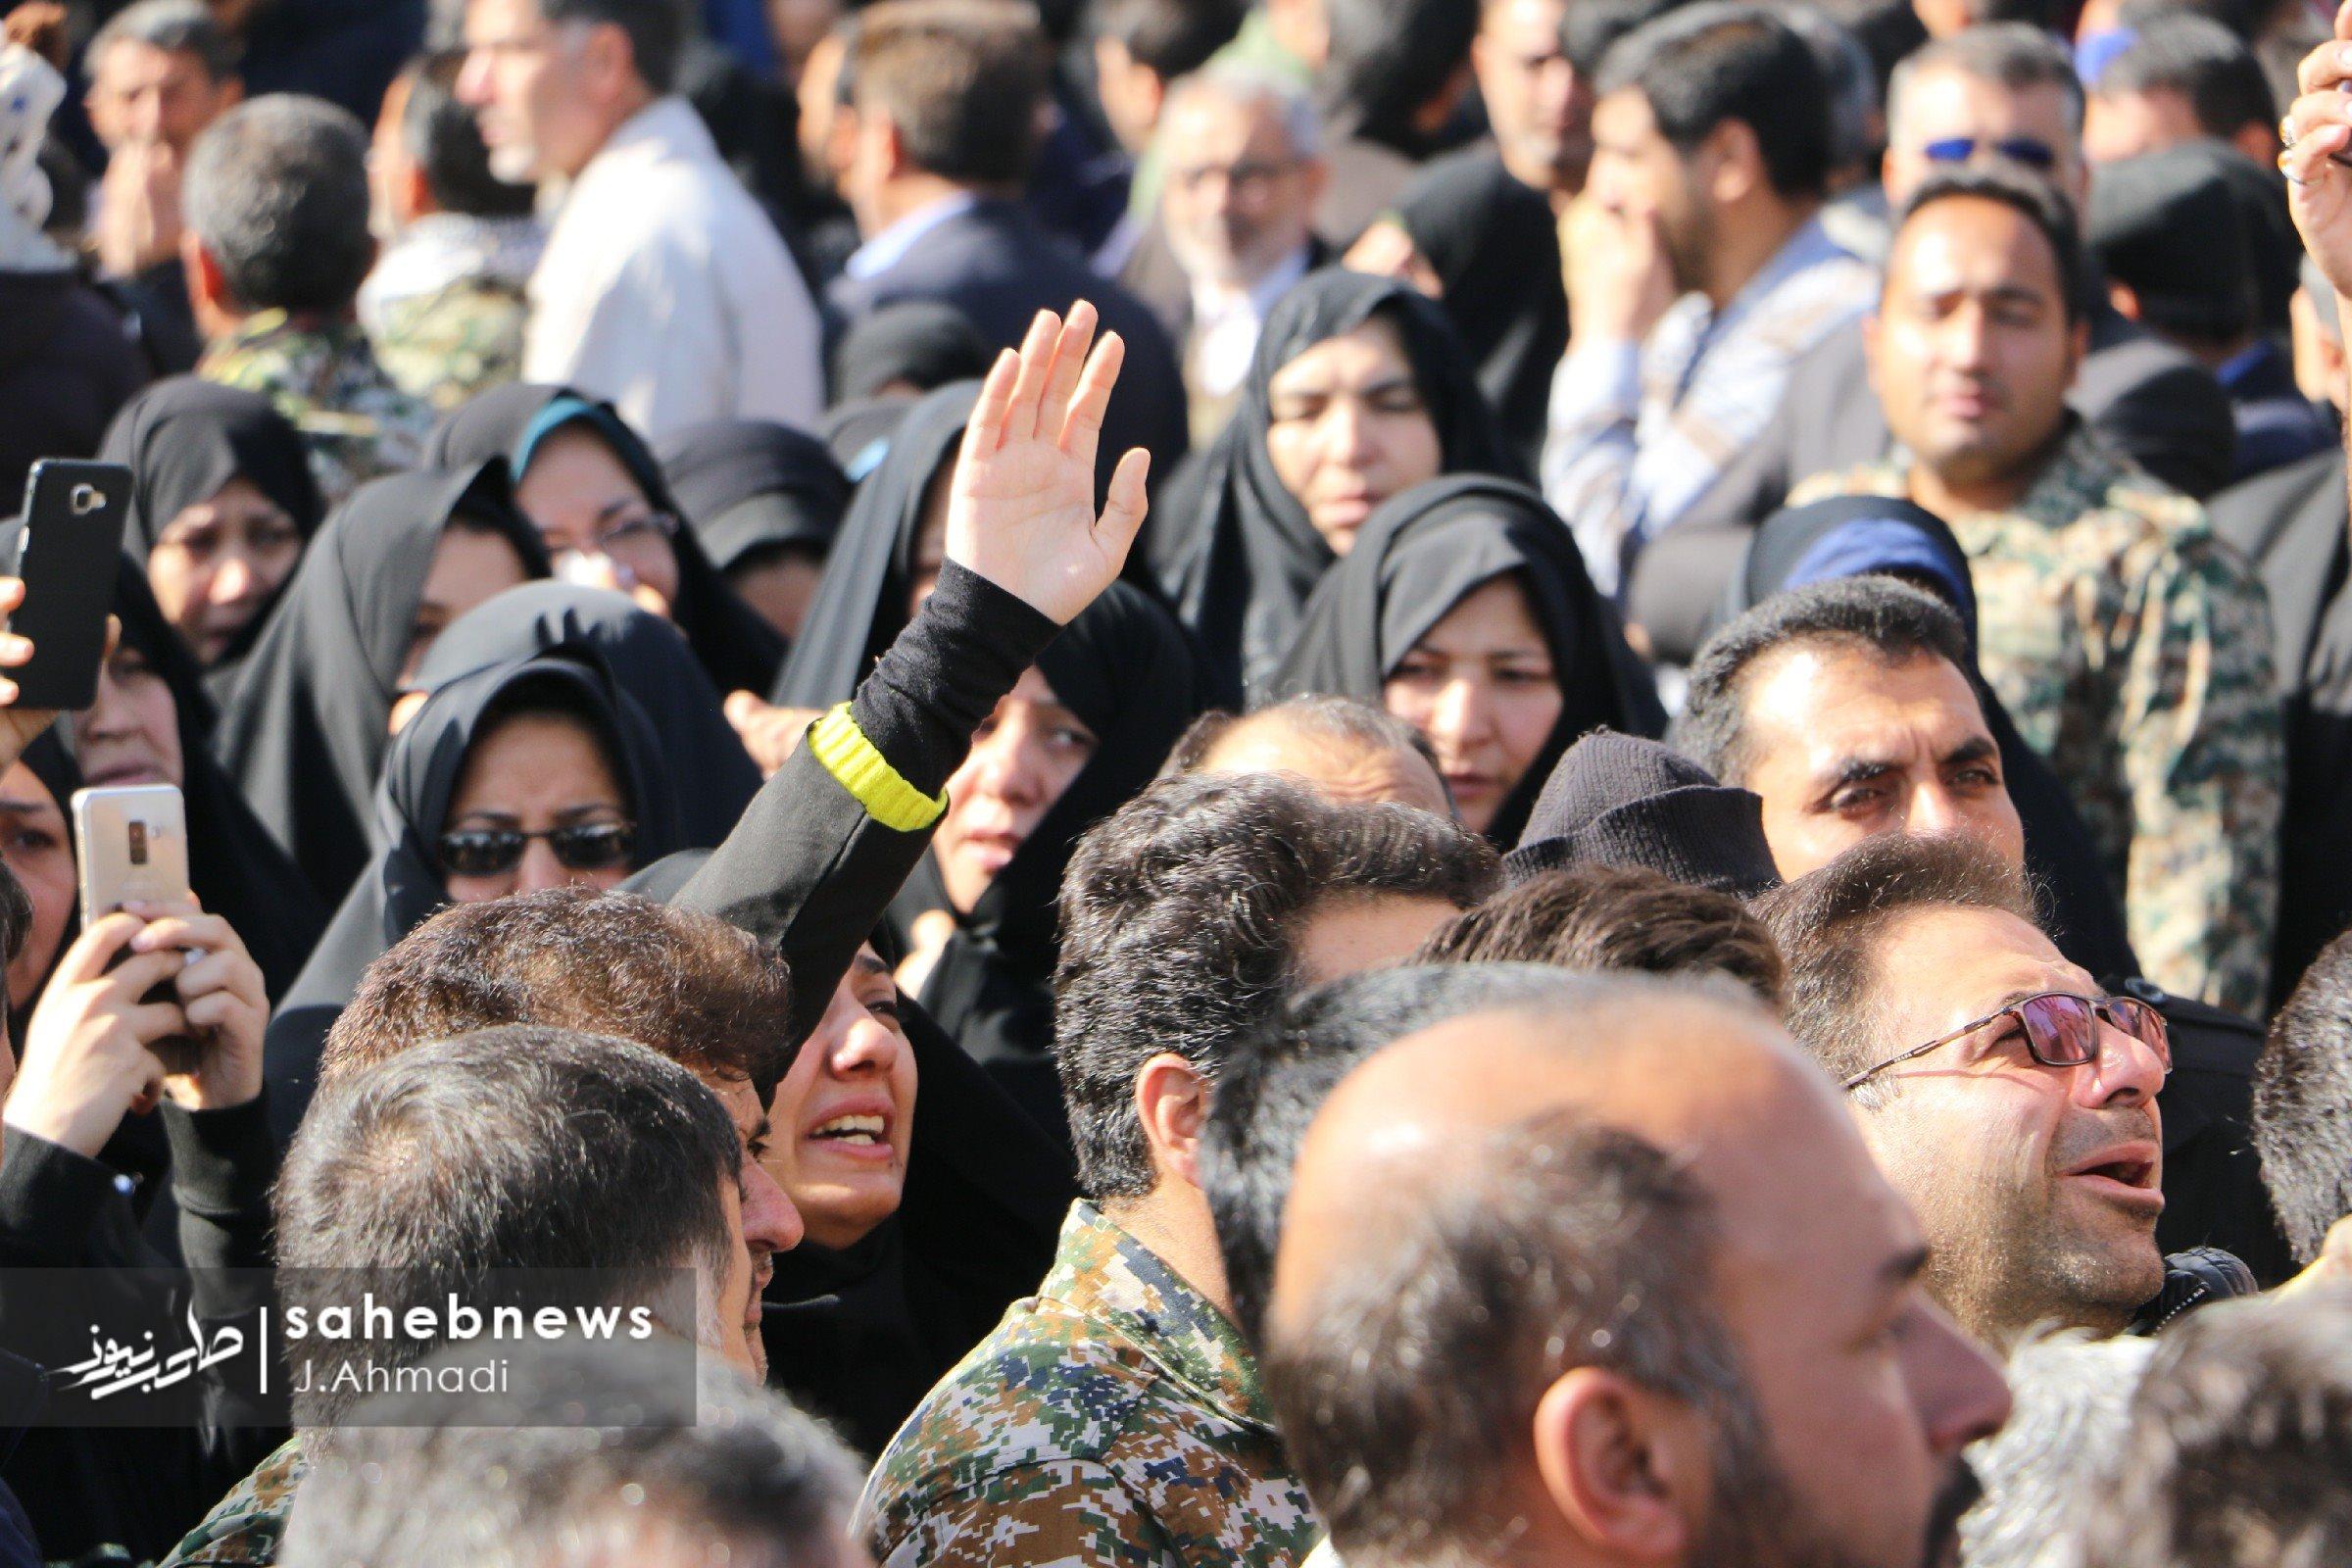 27 شهید حادثه تروریستی اصفهان (24)